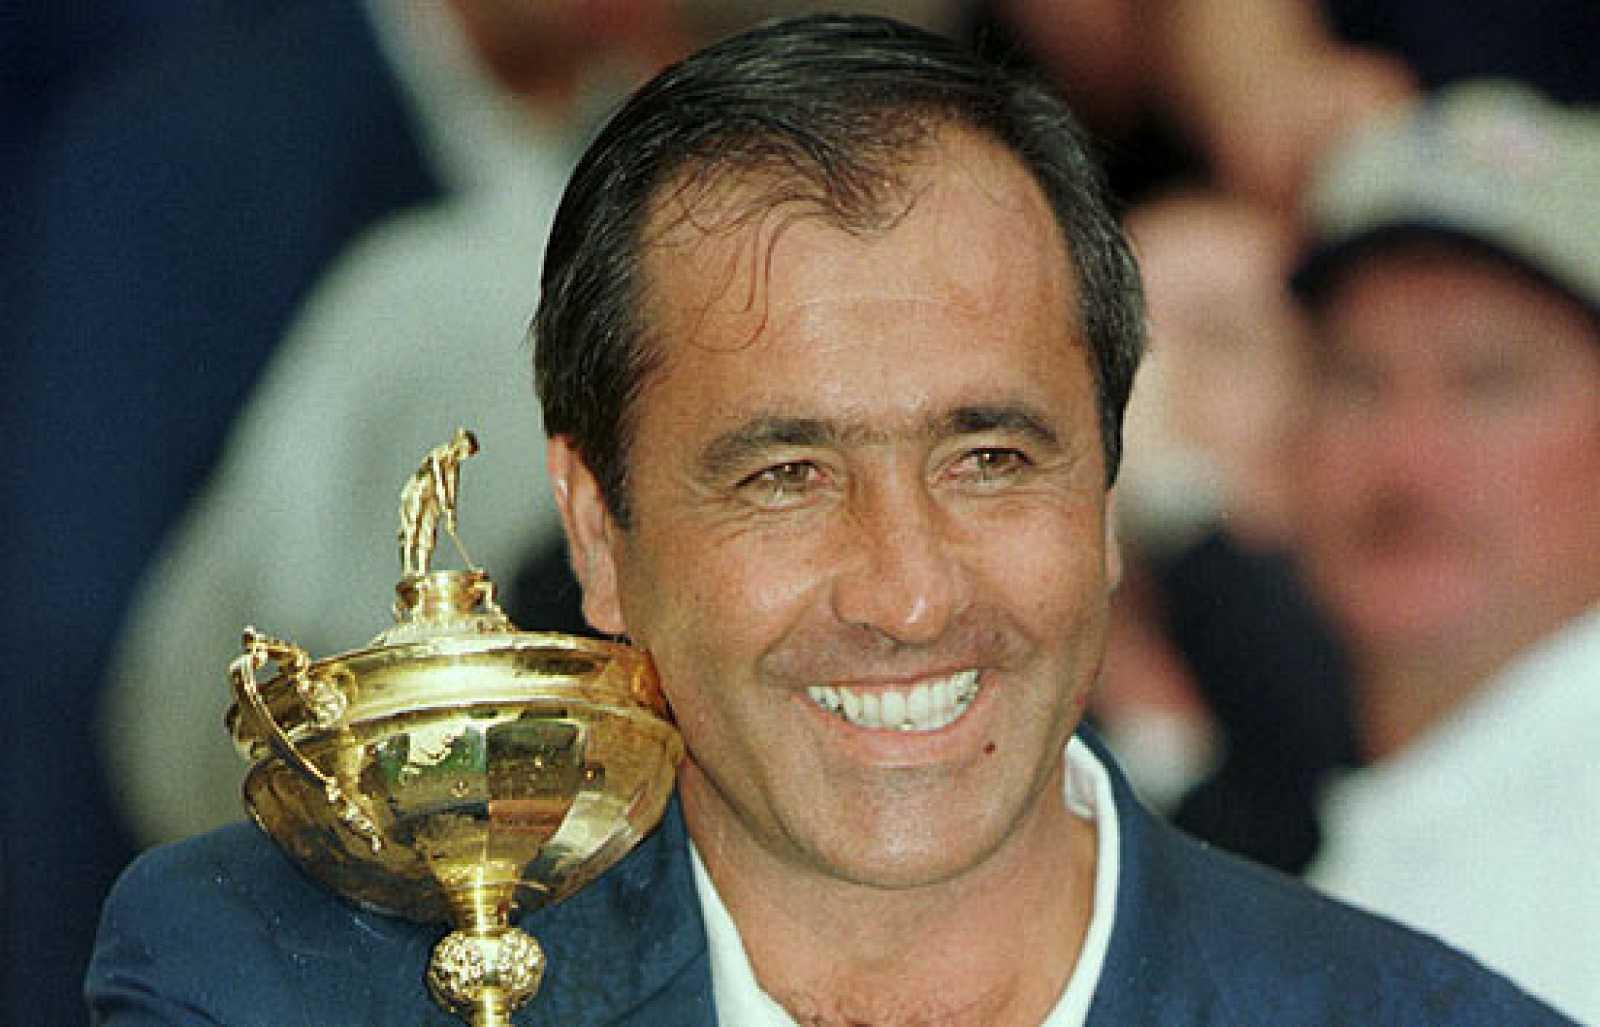 La muerte de Severiano Ballesteros supone una pérdida irreparable para el mundo del deporte. El mejor golfista español de todos los tiempos, y uno de los mejores del mundo, marcó un antes y un después con su forma de entender y practicar el golf.